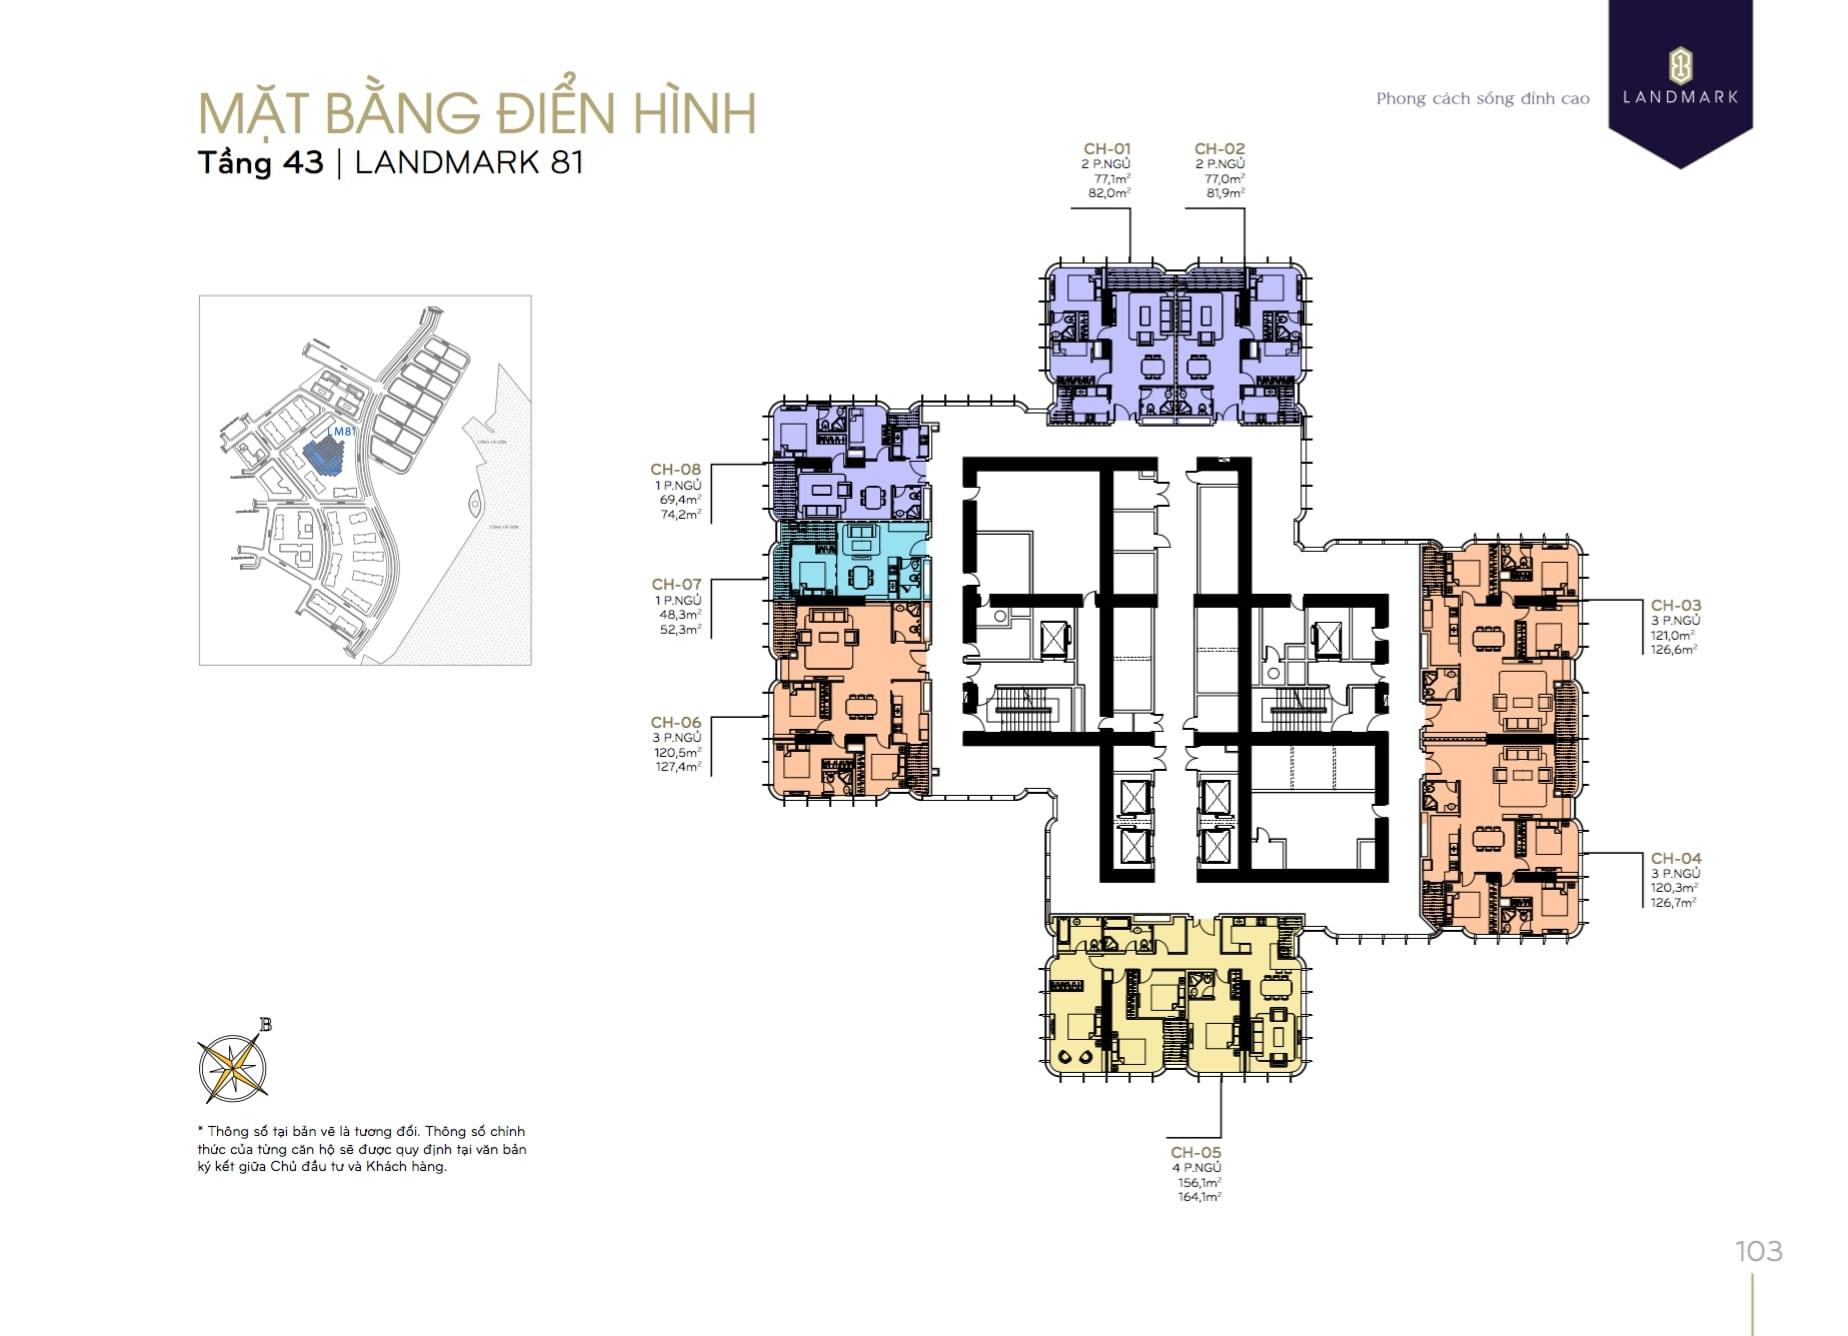 Layout tòa Landmark 81-Mặt bằng tầng điển hình-Tầng 43-Vinhomes Central Park